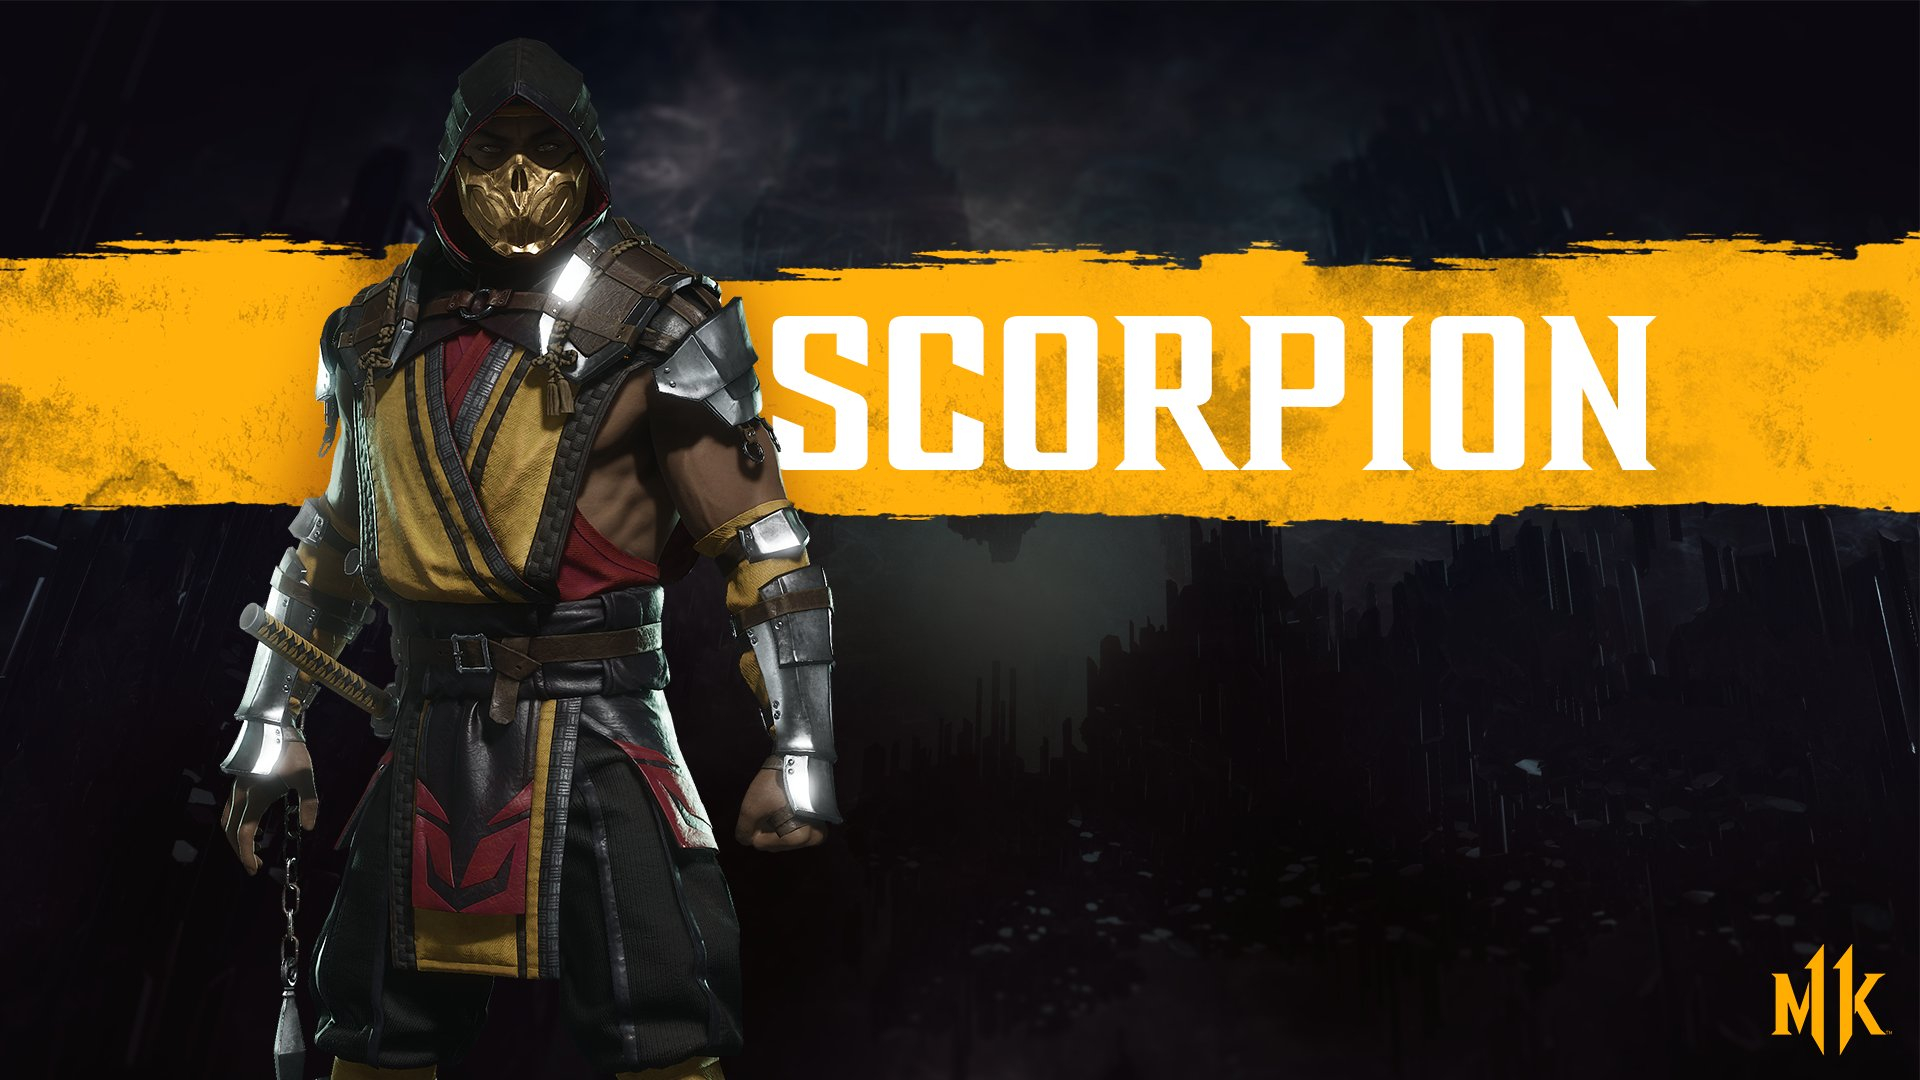 Скорпион - Mortal Kombat 11